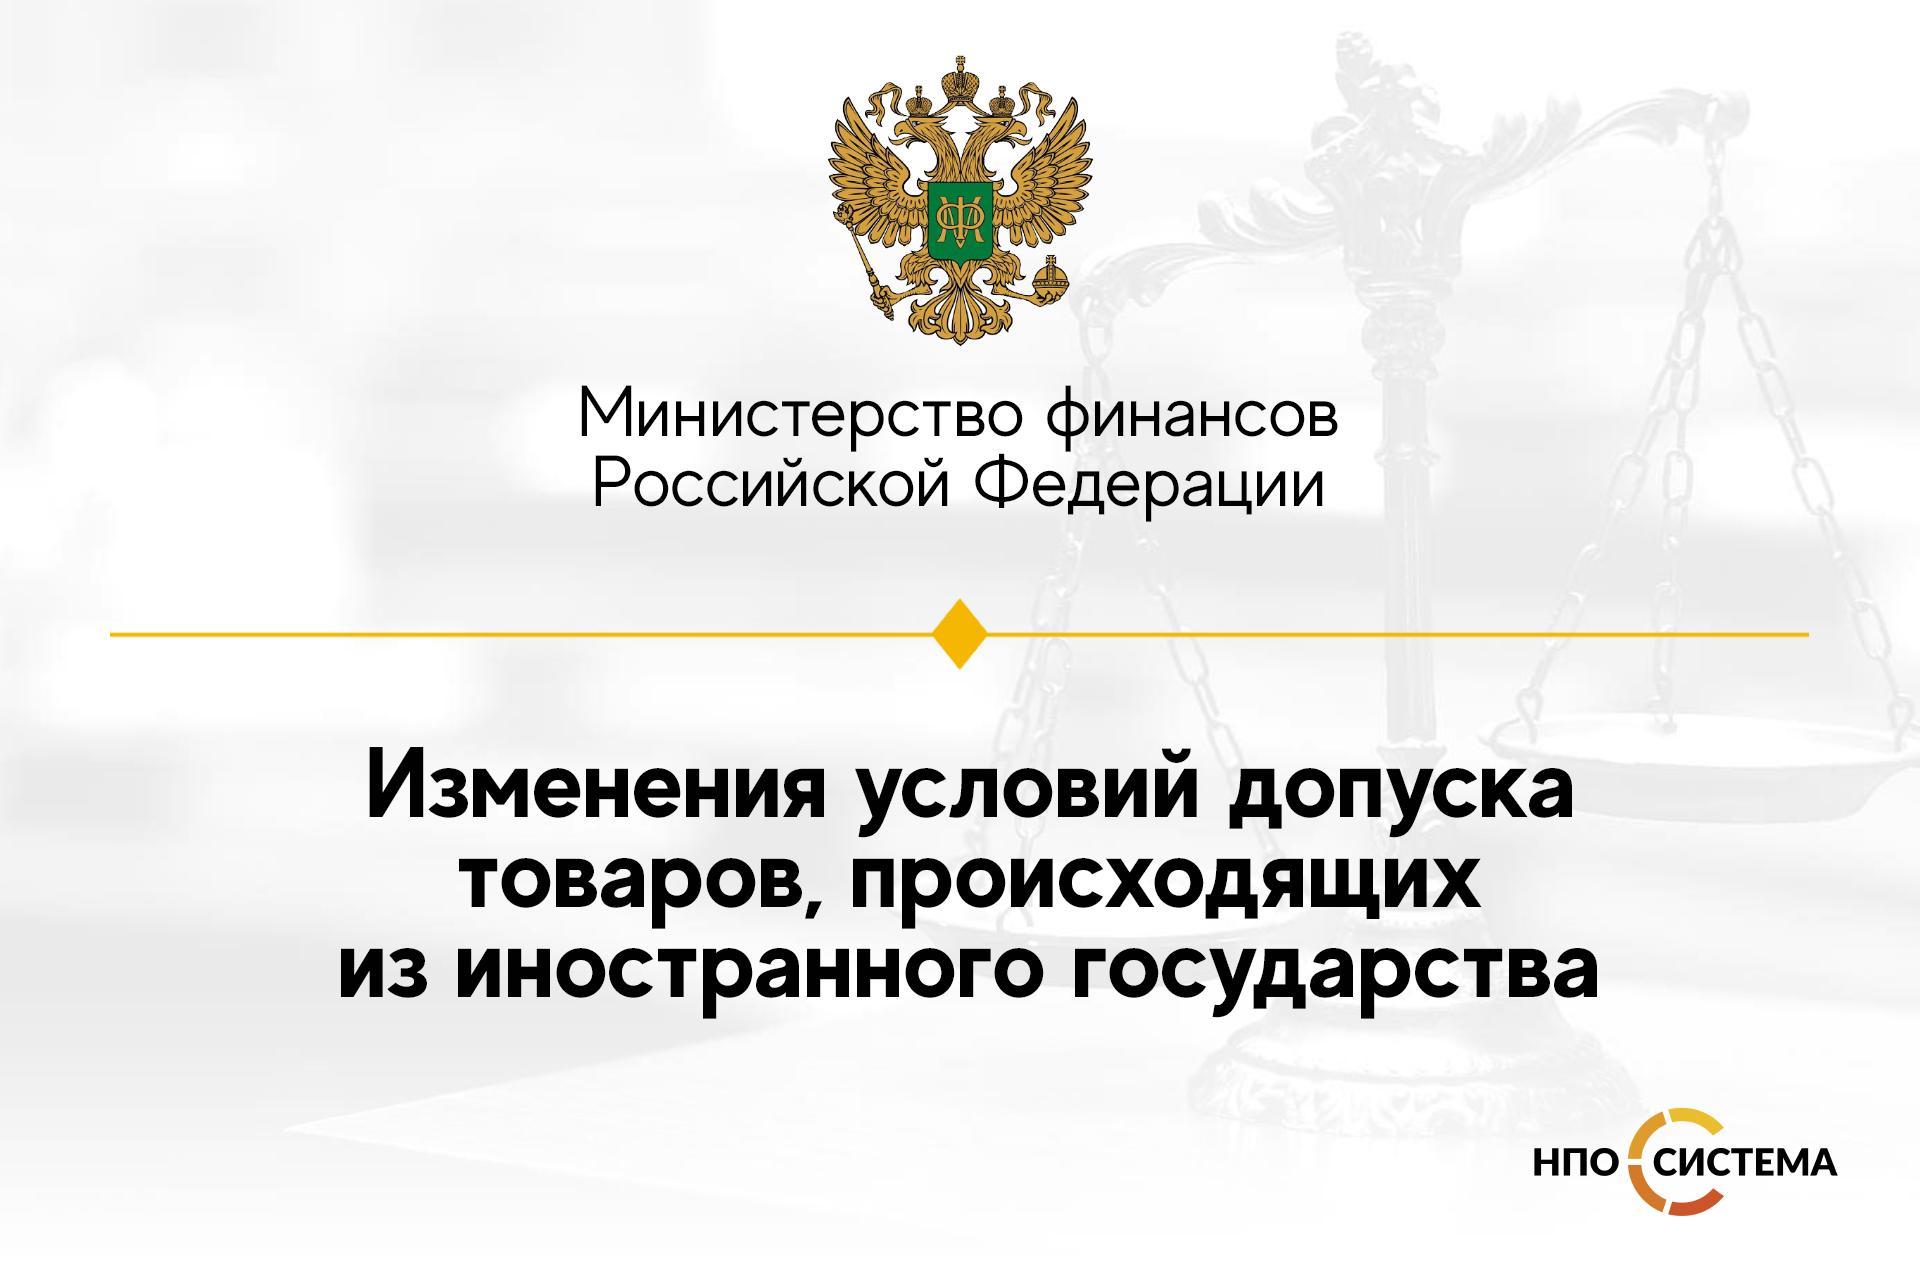 novye-usloviya-dopuska-tovarov-zakupaemyh-v-ramkah-realizacii-nacionalnyh-proektov